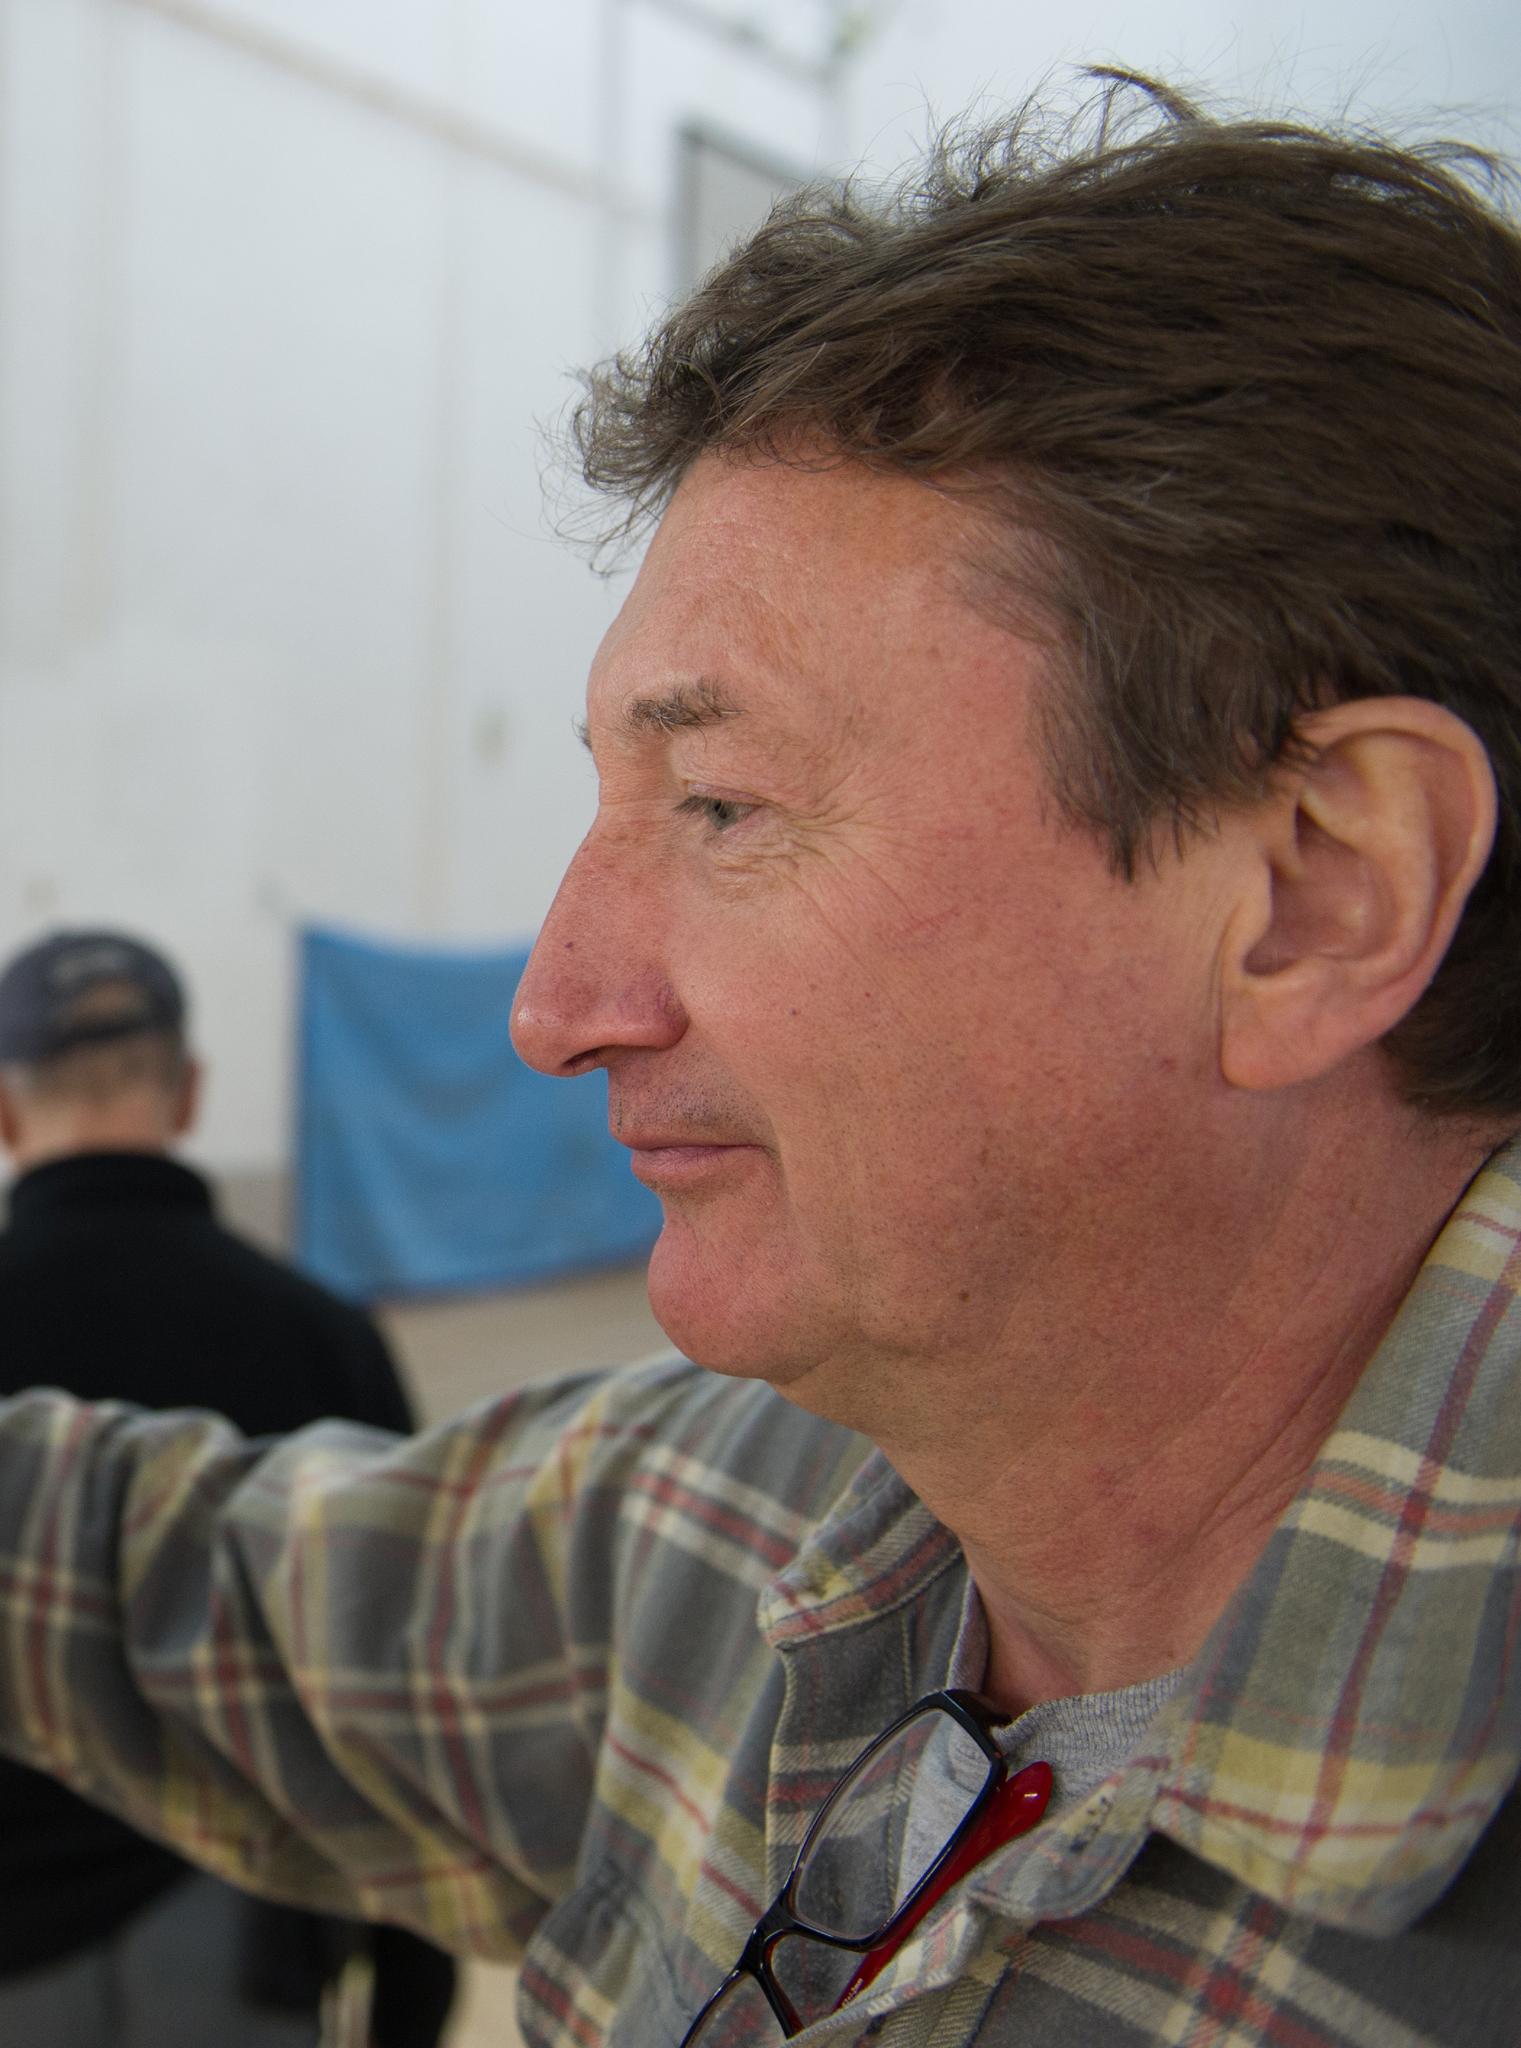 Steven Knight in Locke (2013)